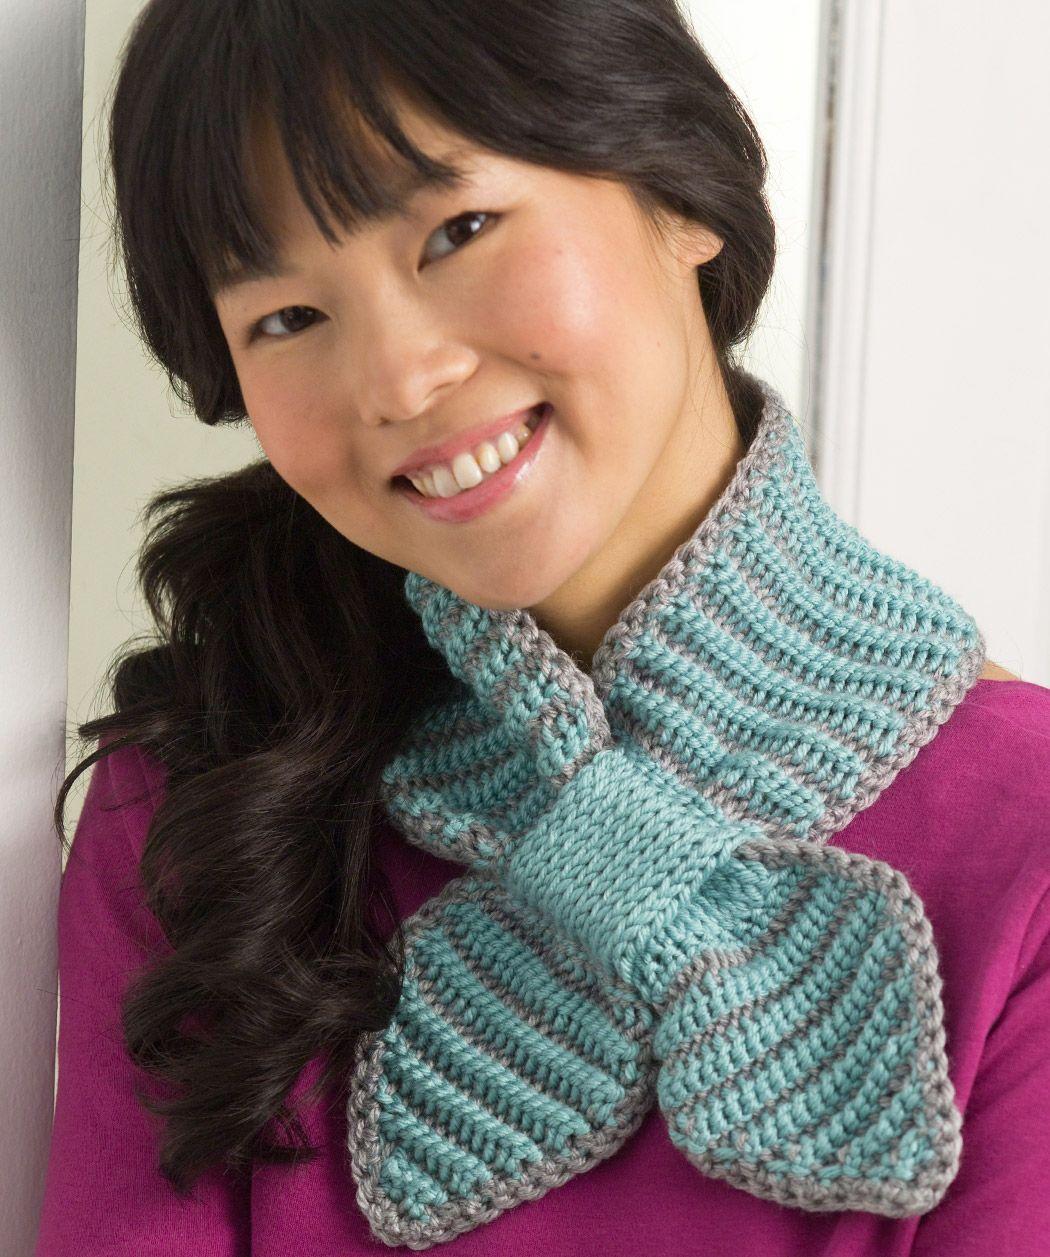 Bow tie neck warmer free pattern crochet love pinterest bow tie neck warmer free pattern crochet bankloansurffo Gallery